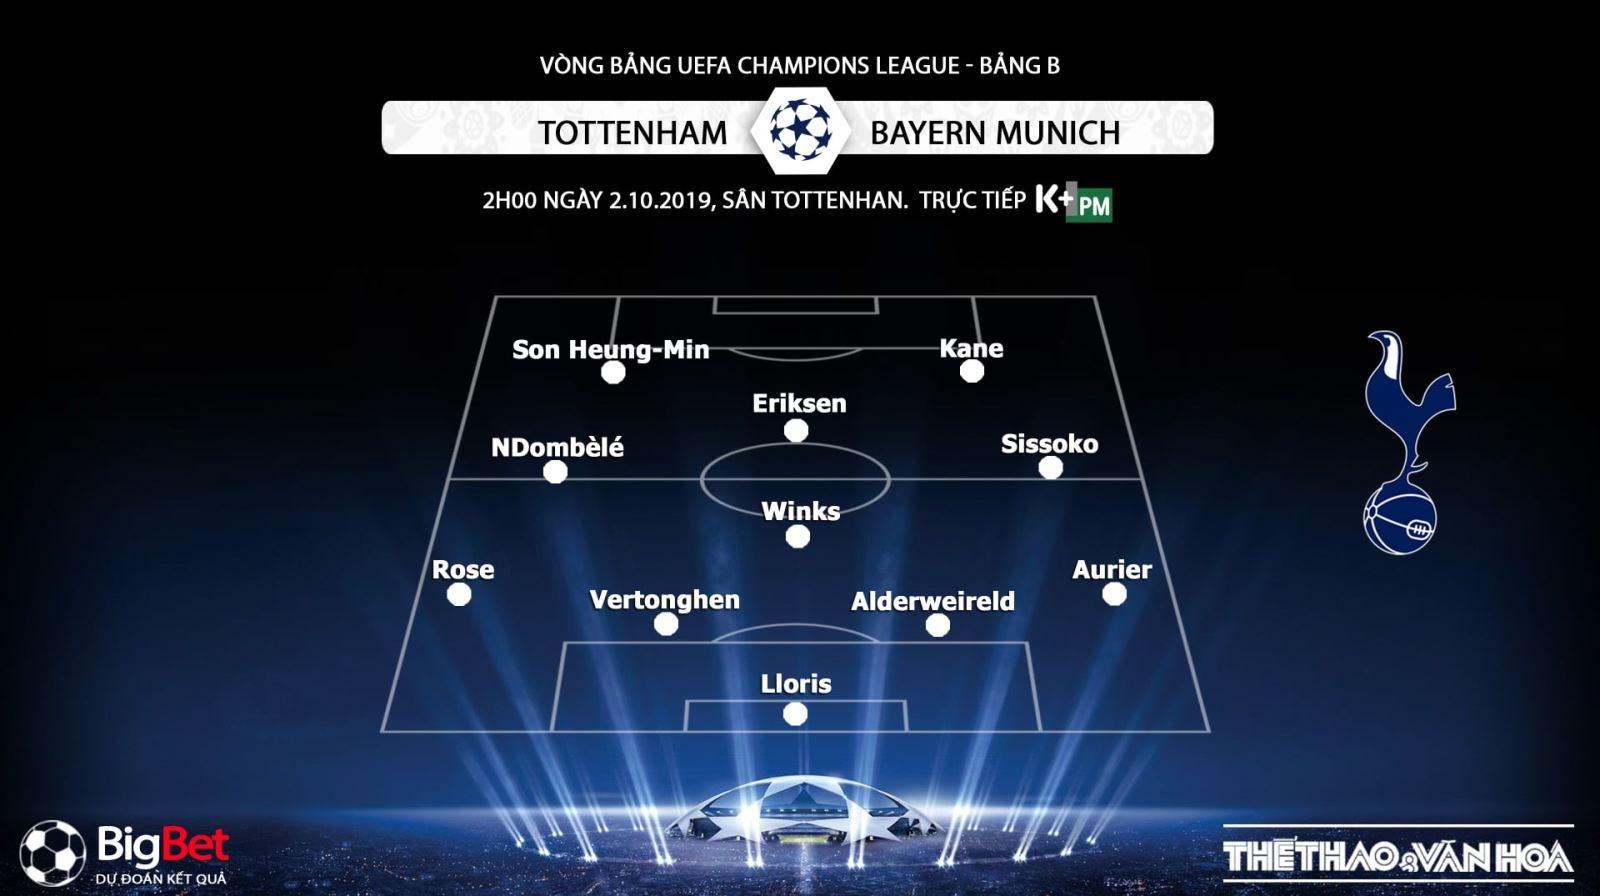 soi kèo bóng đá, Tottenham vs Bayern Munich, truc tiep bong da hôm nay,Tottenham đấu với Bayern Munich, trực tiếp bóng đá, K+, K+PM, K+PC, xem bóng đá trực tuyến, Tottenham, bong da